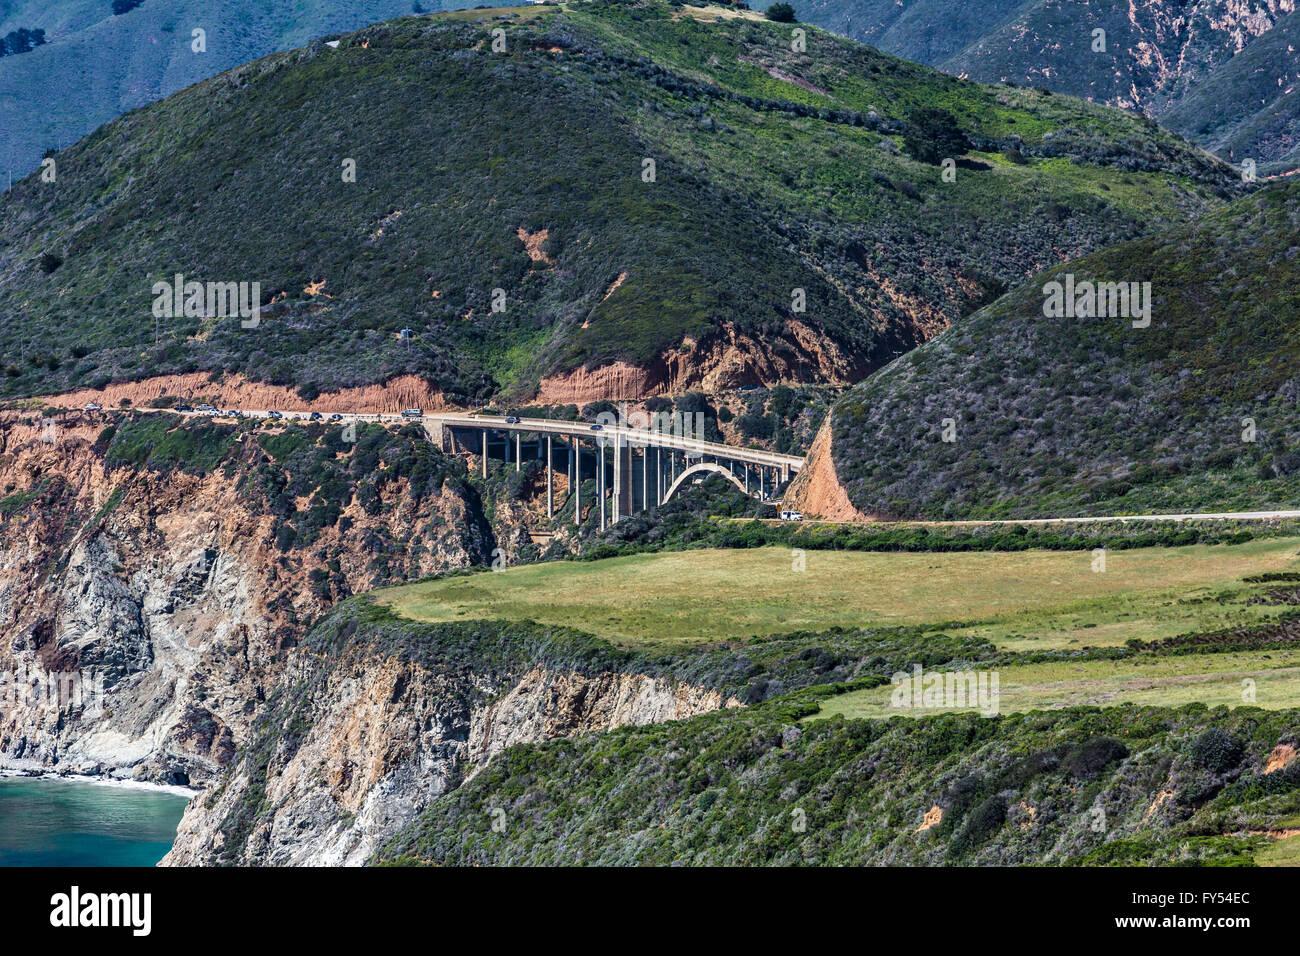 Puente de Big sur Imagen De Stock